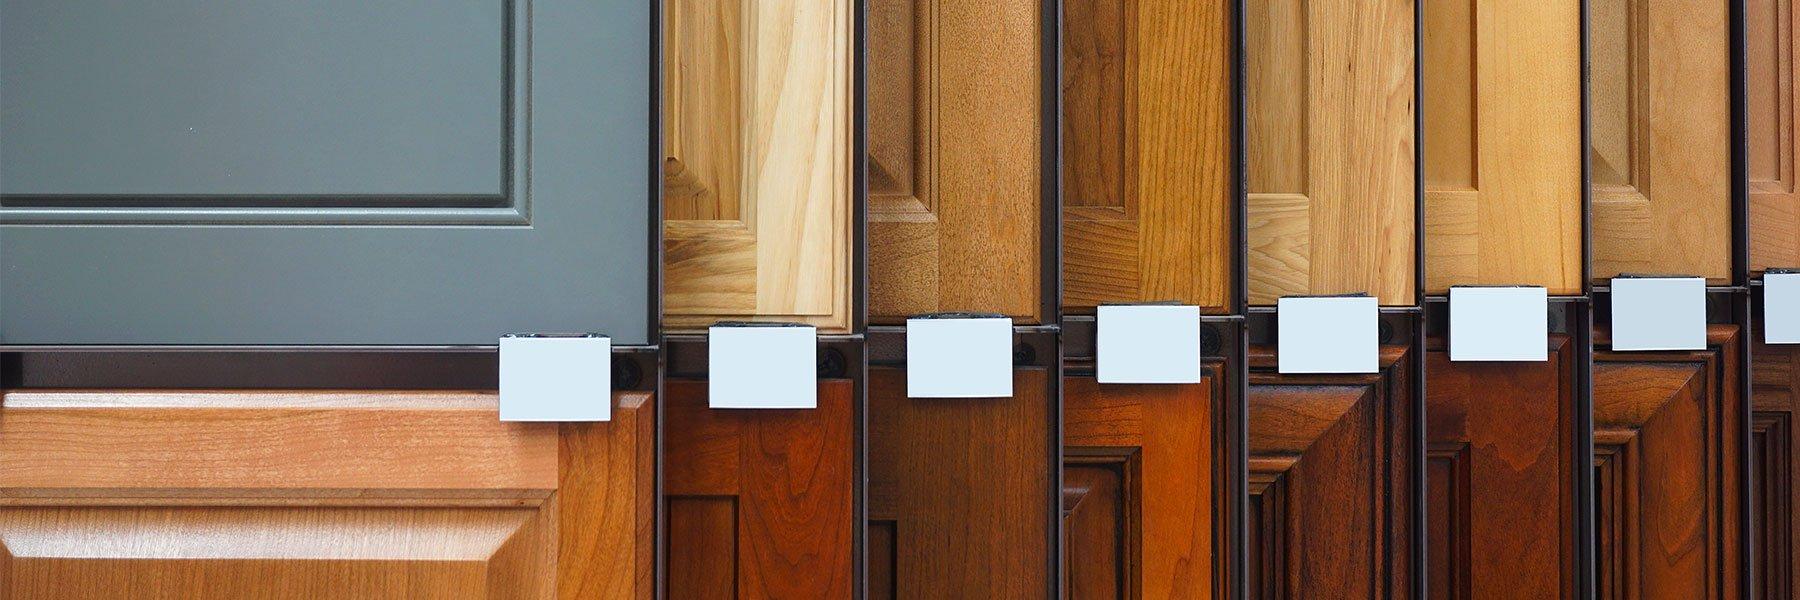 Modergo - Choix de matériaux pour vos armoires de cuisine et salle de bains